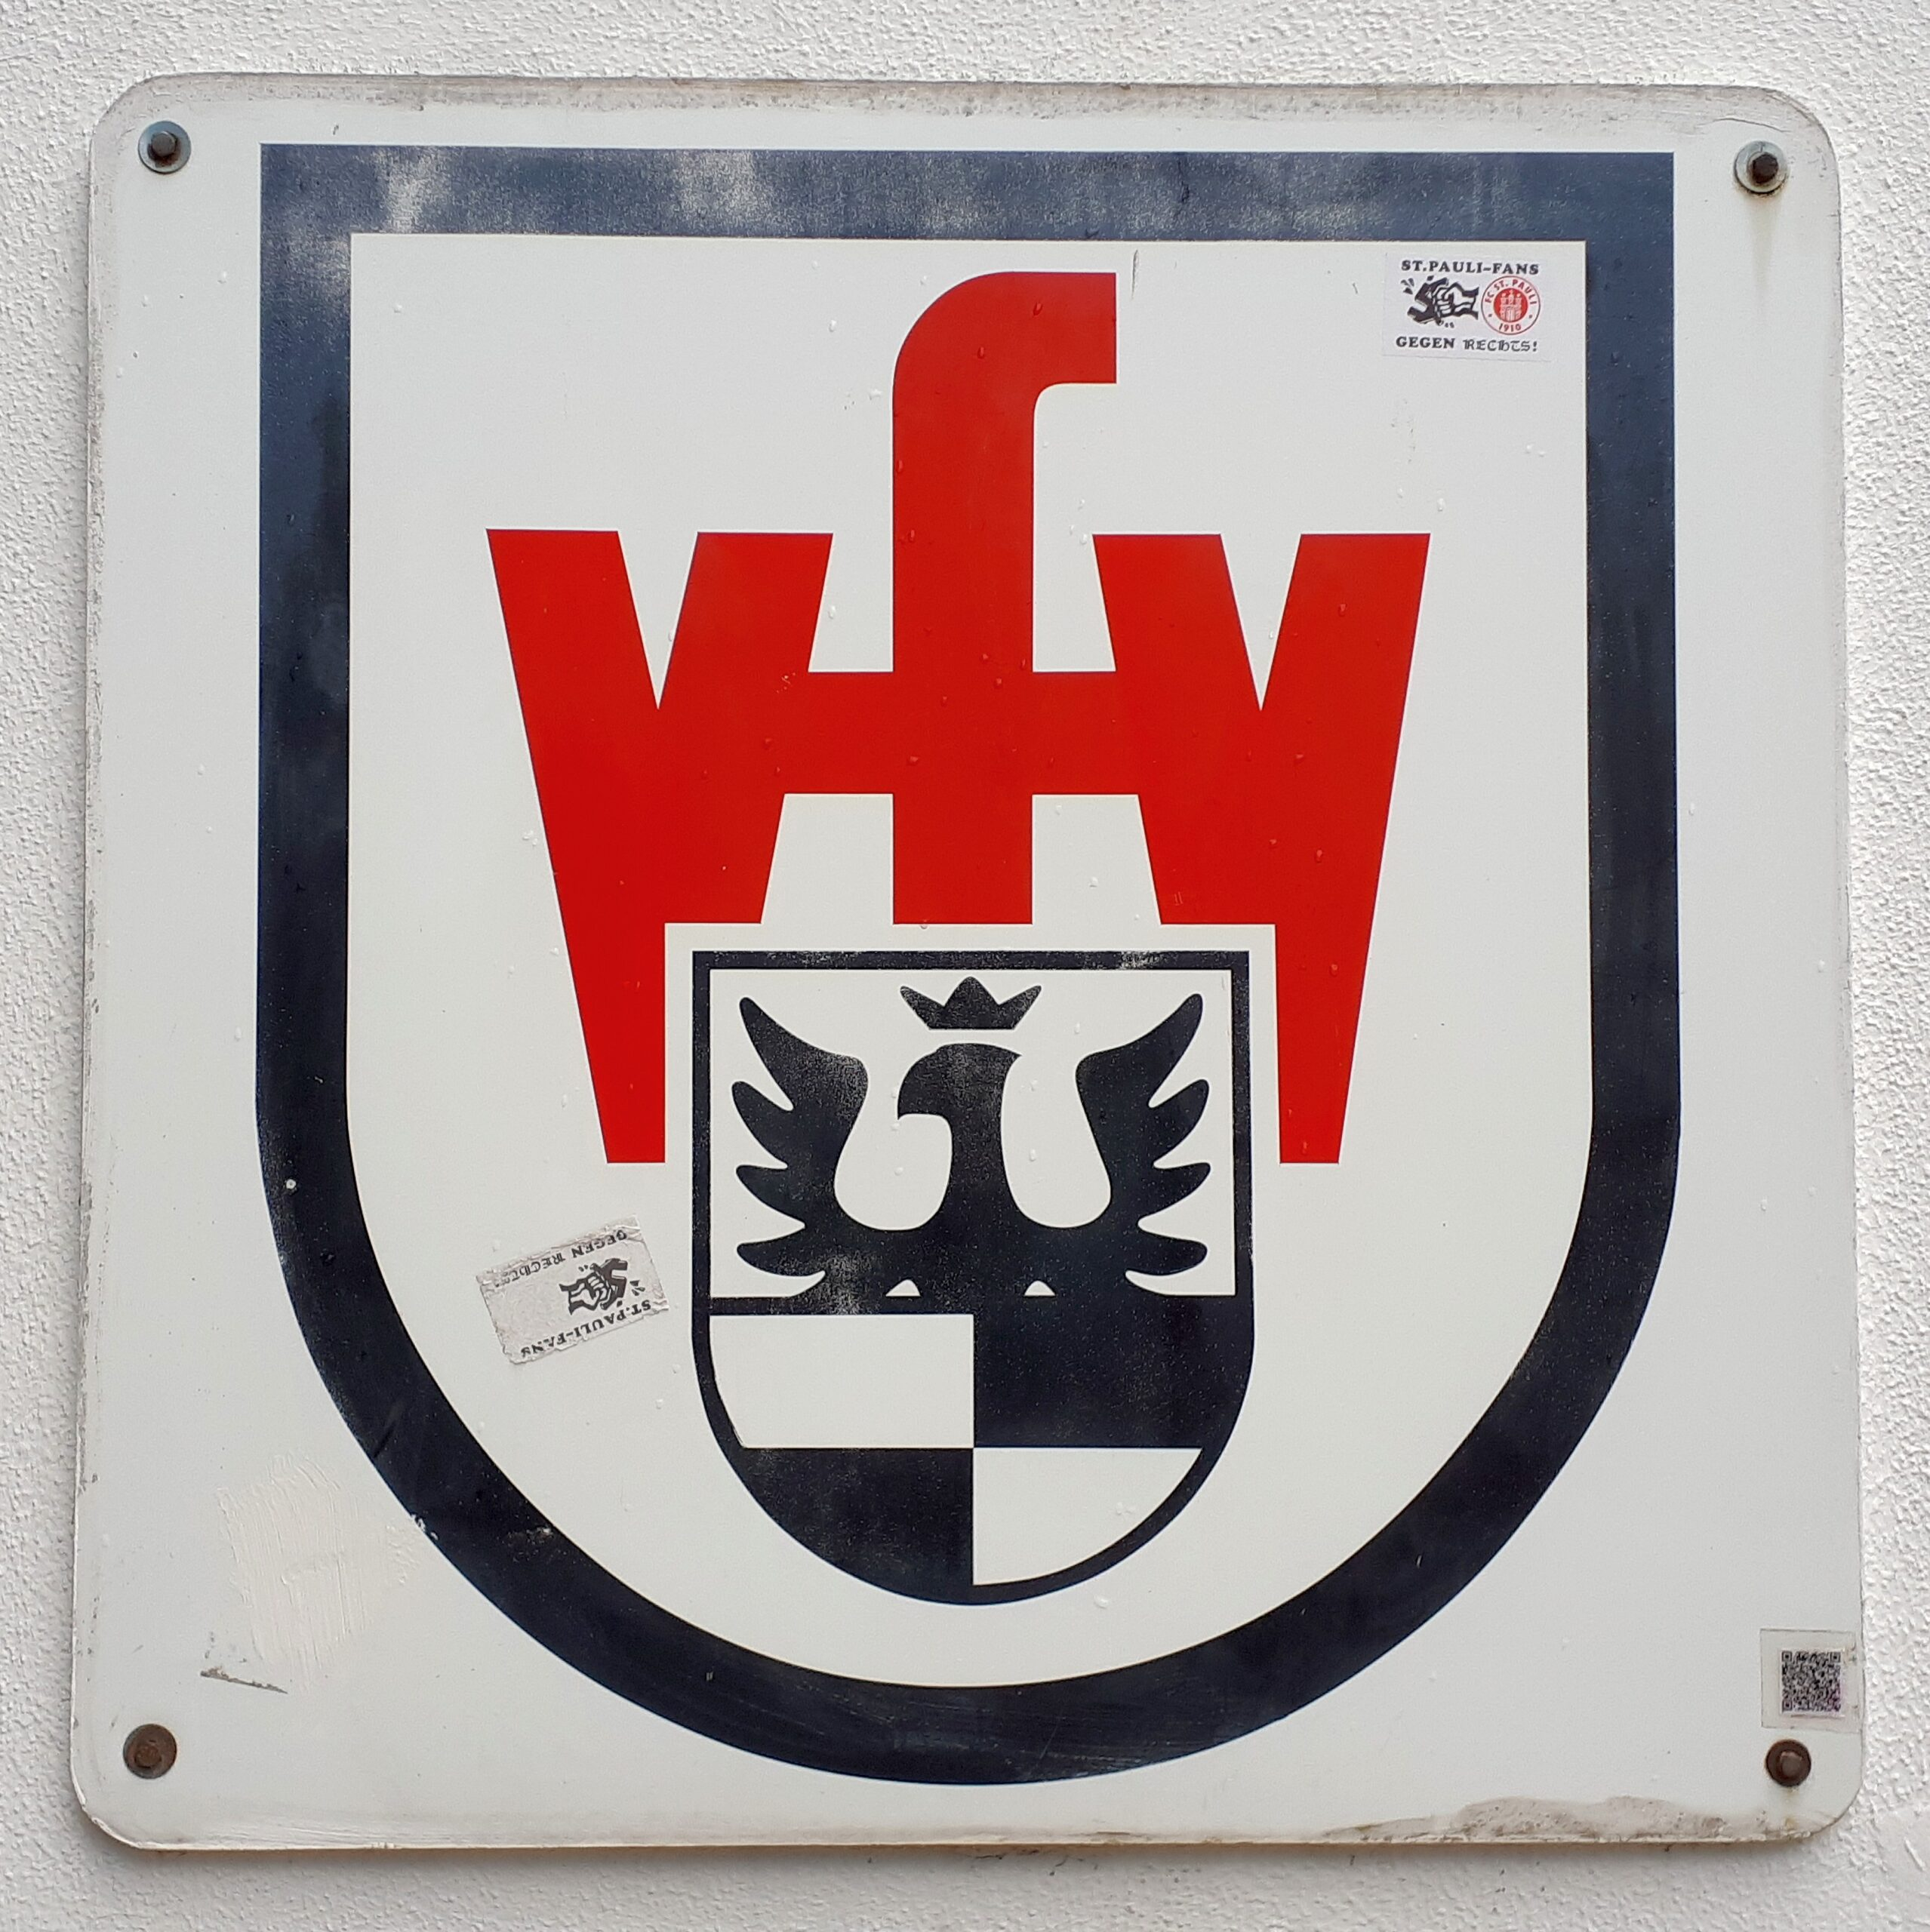 Der VfV Hildesheim ist der Hausherr im Ebert-Stadion